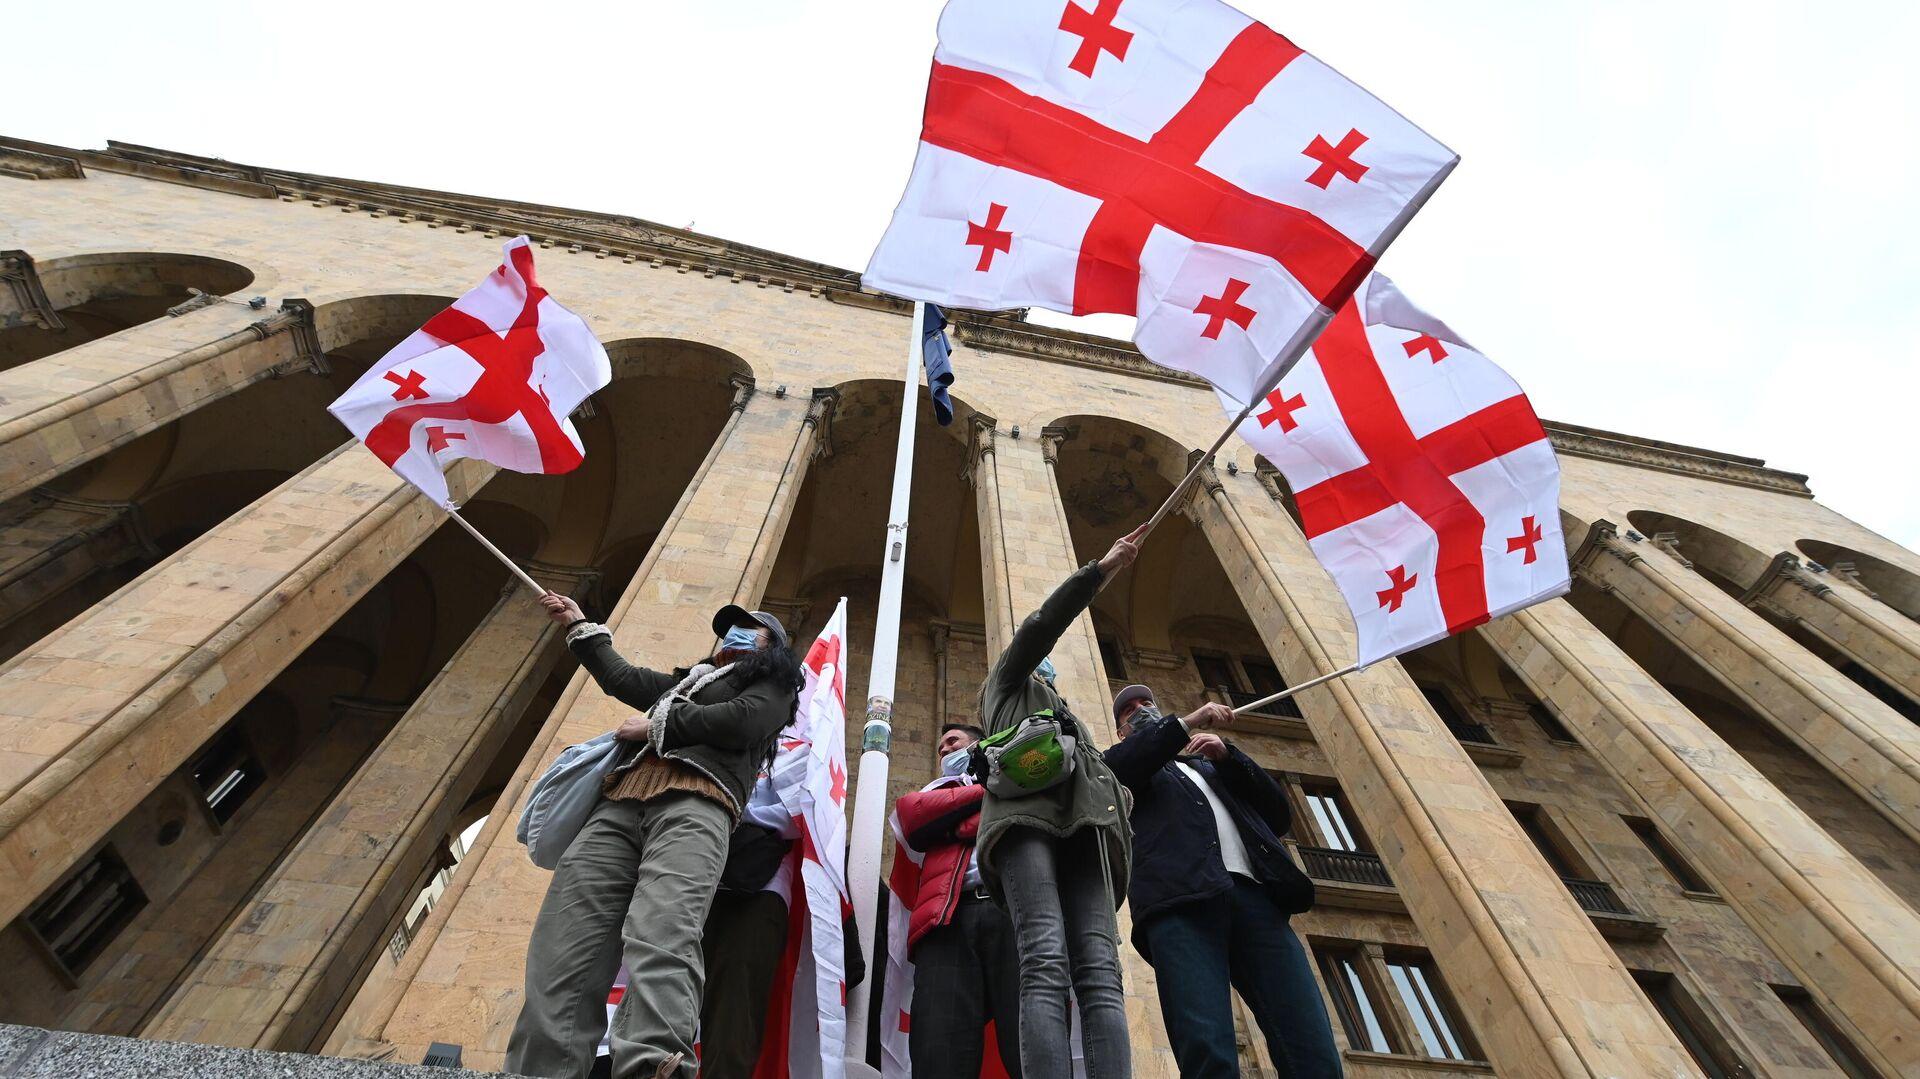 Участники акции оппозиции в Тбилиси - РИА Новости, 1920, 17.02.2021